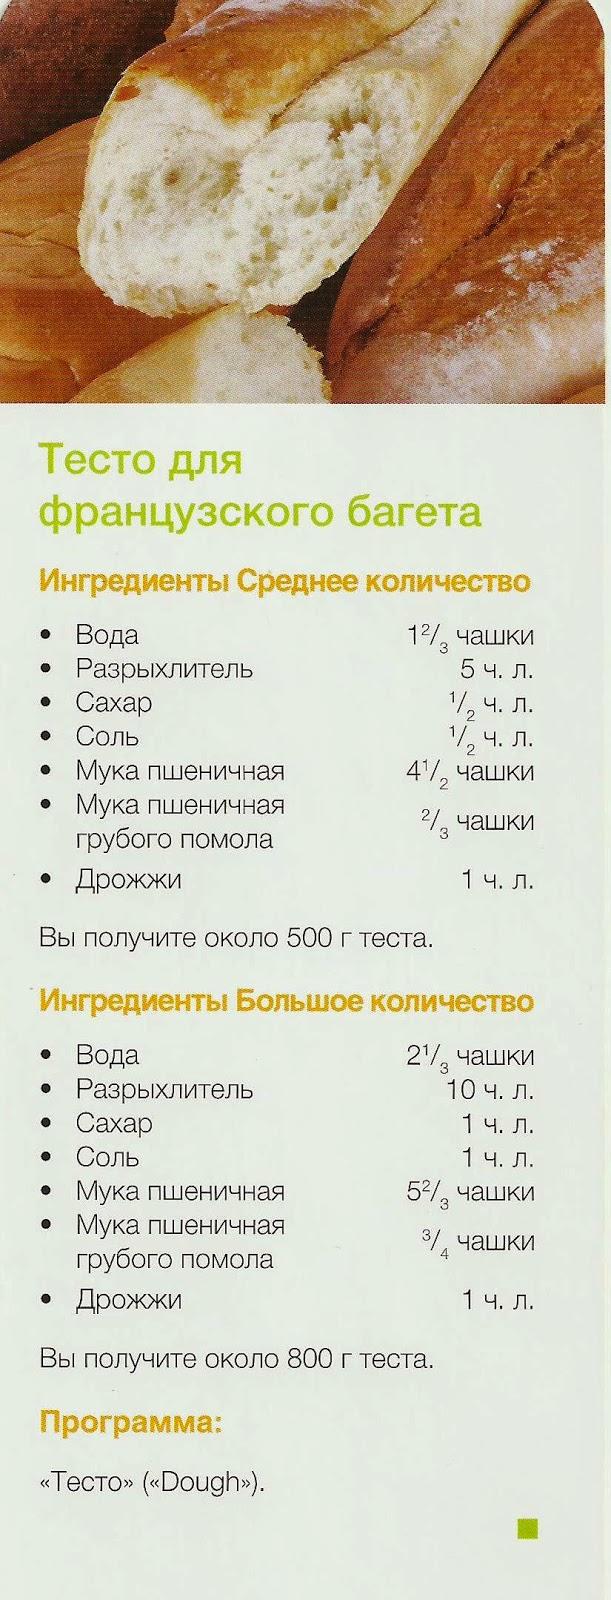 Рецепт тесто для вареников для хлебопечки